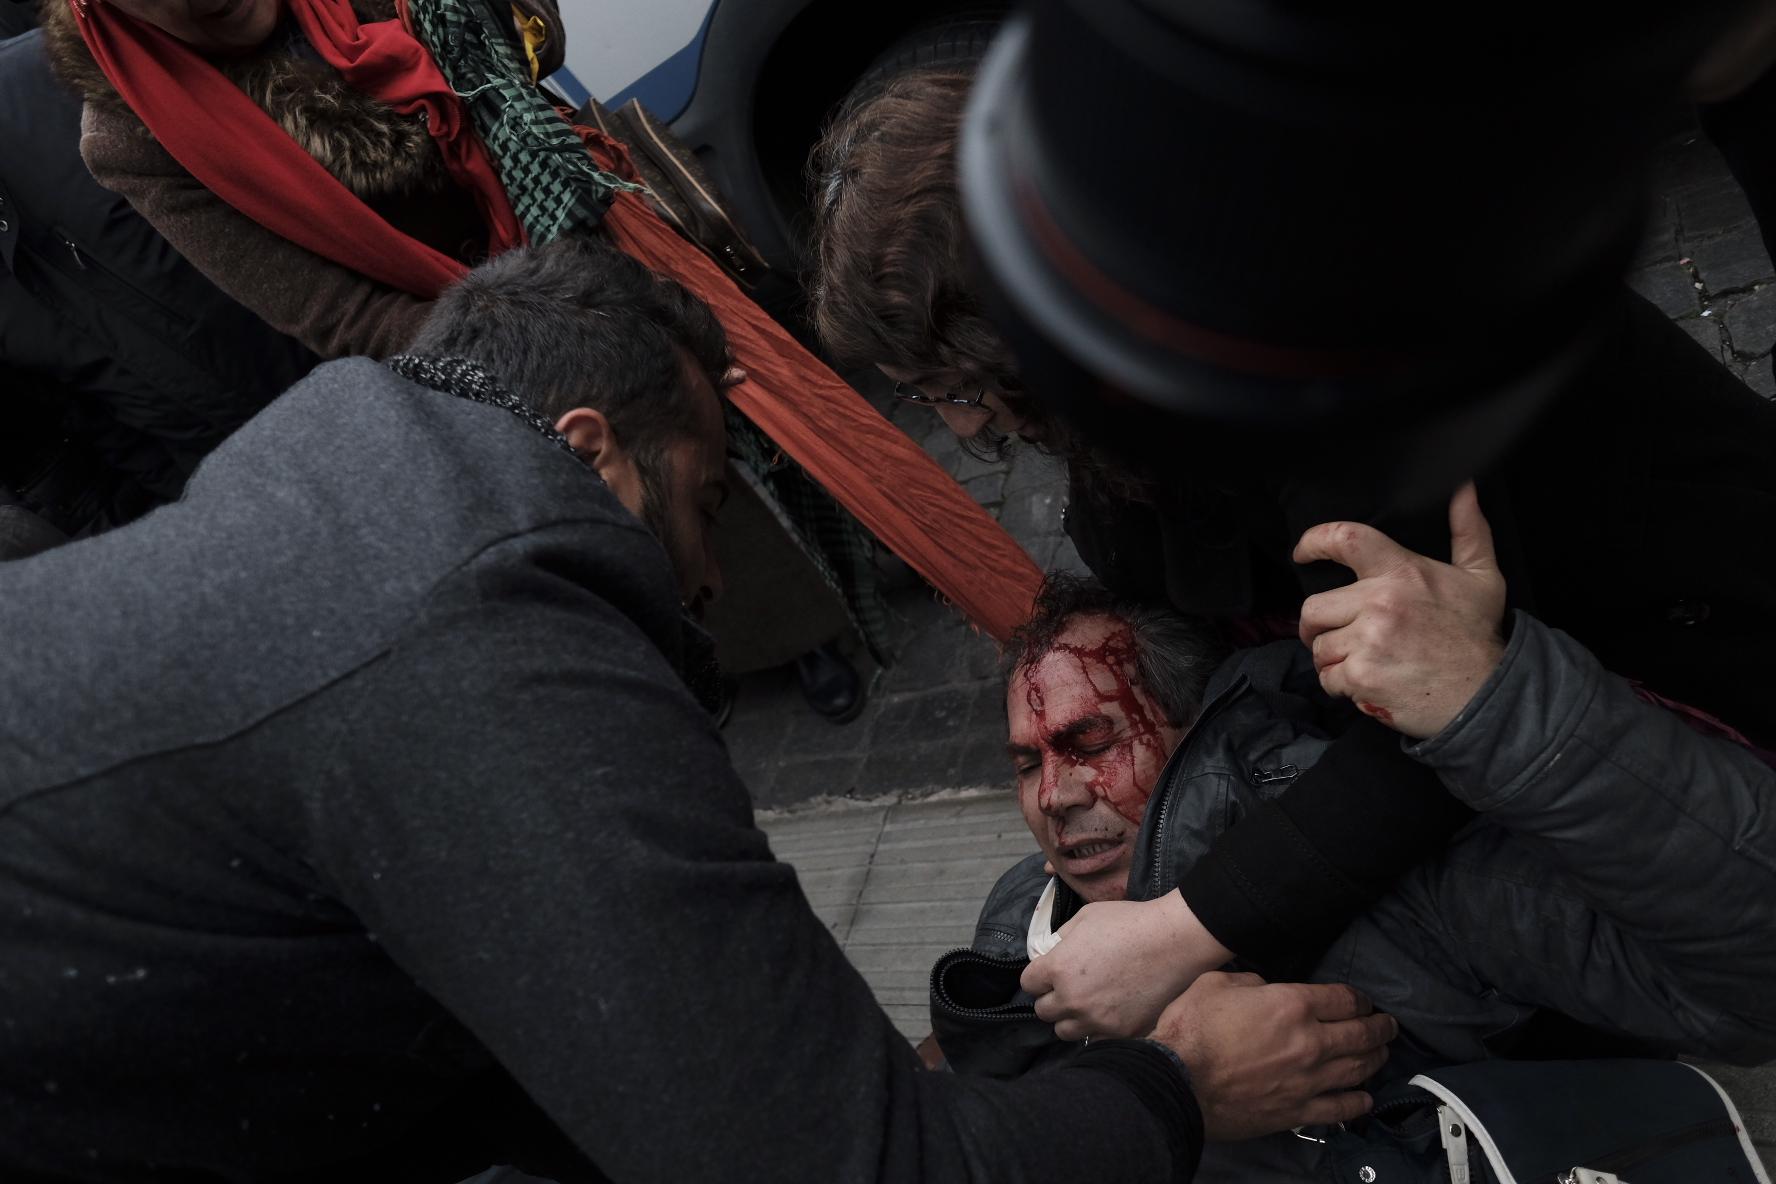 الدماء تسيل من رأس أحد المحتجين